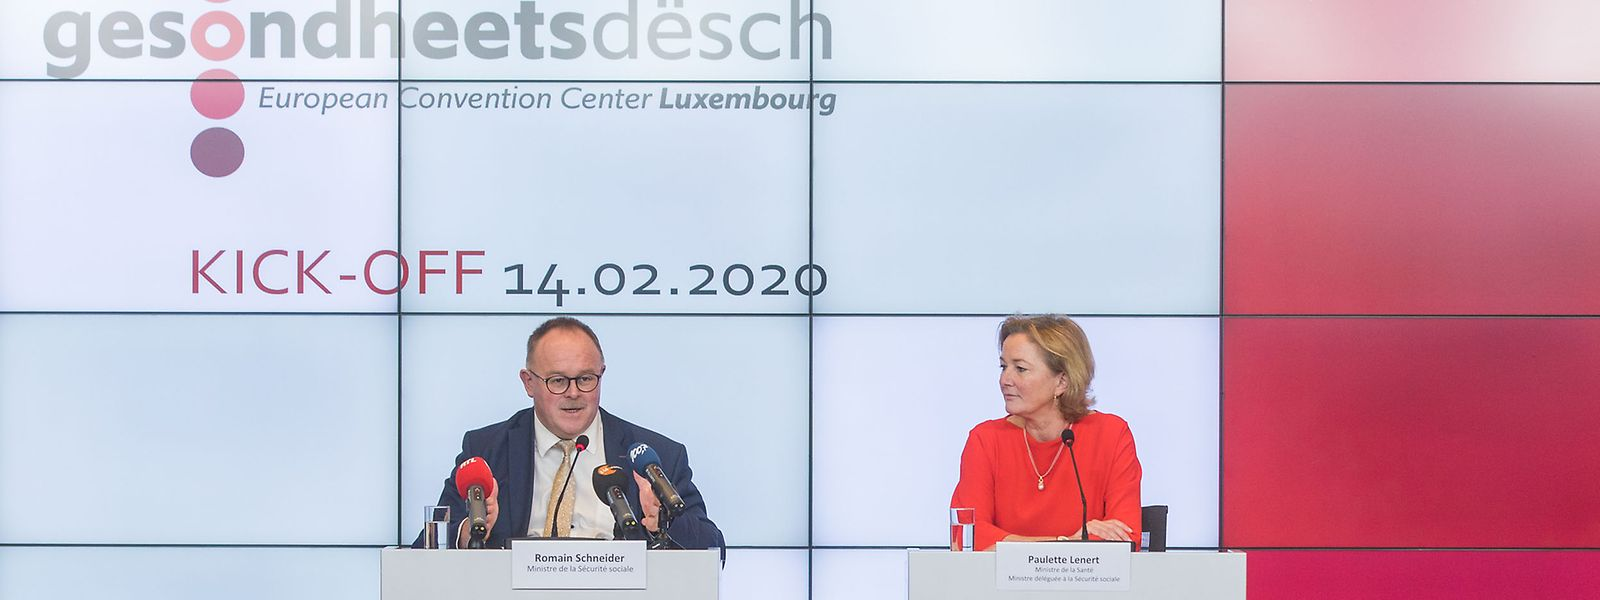 Fünf Zukunftsthemen, sechs Arbeitsgruppen und Zwischenbilanz in sechs Monaten - so die Planung von Romain Schneider und Paulette Lenert.